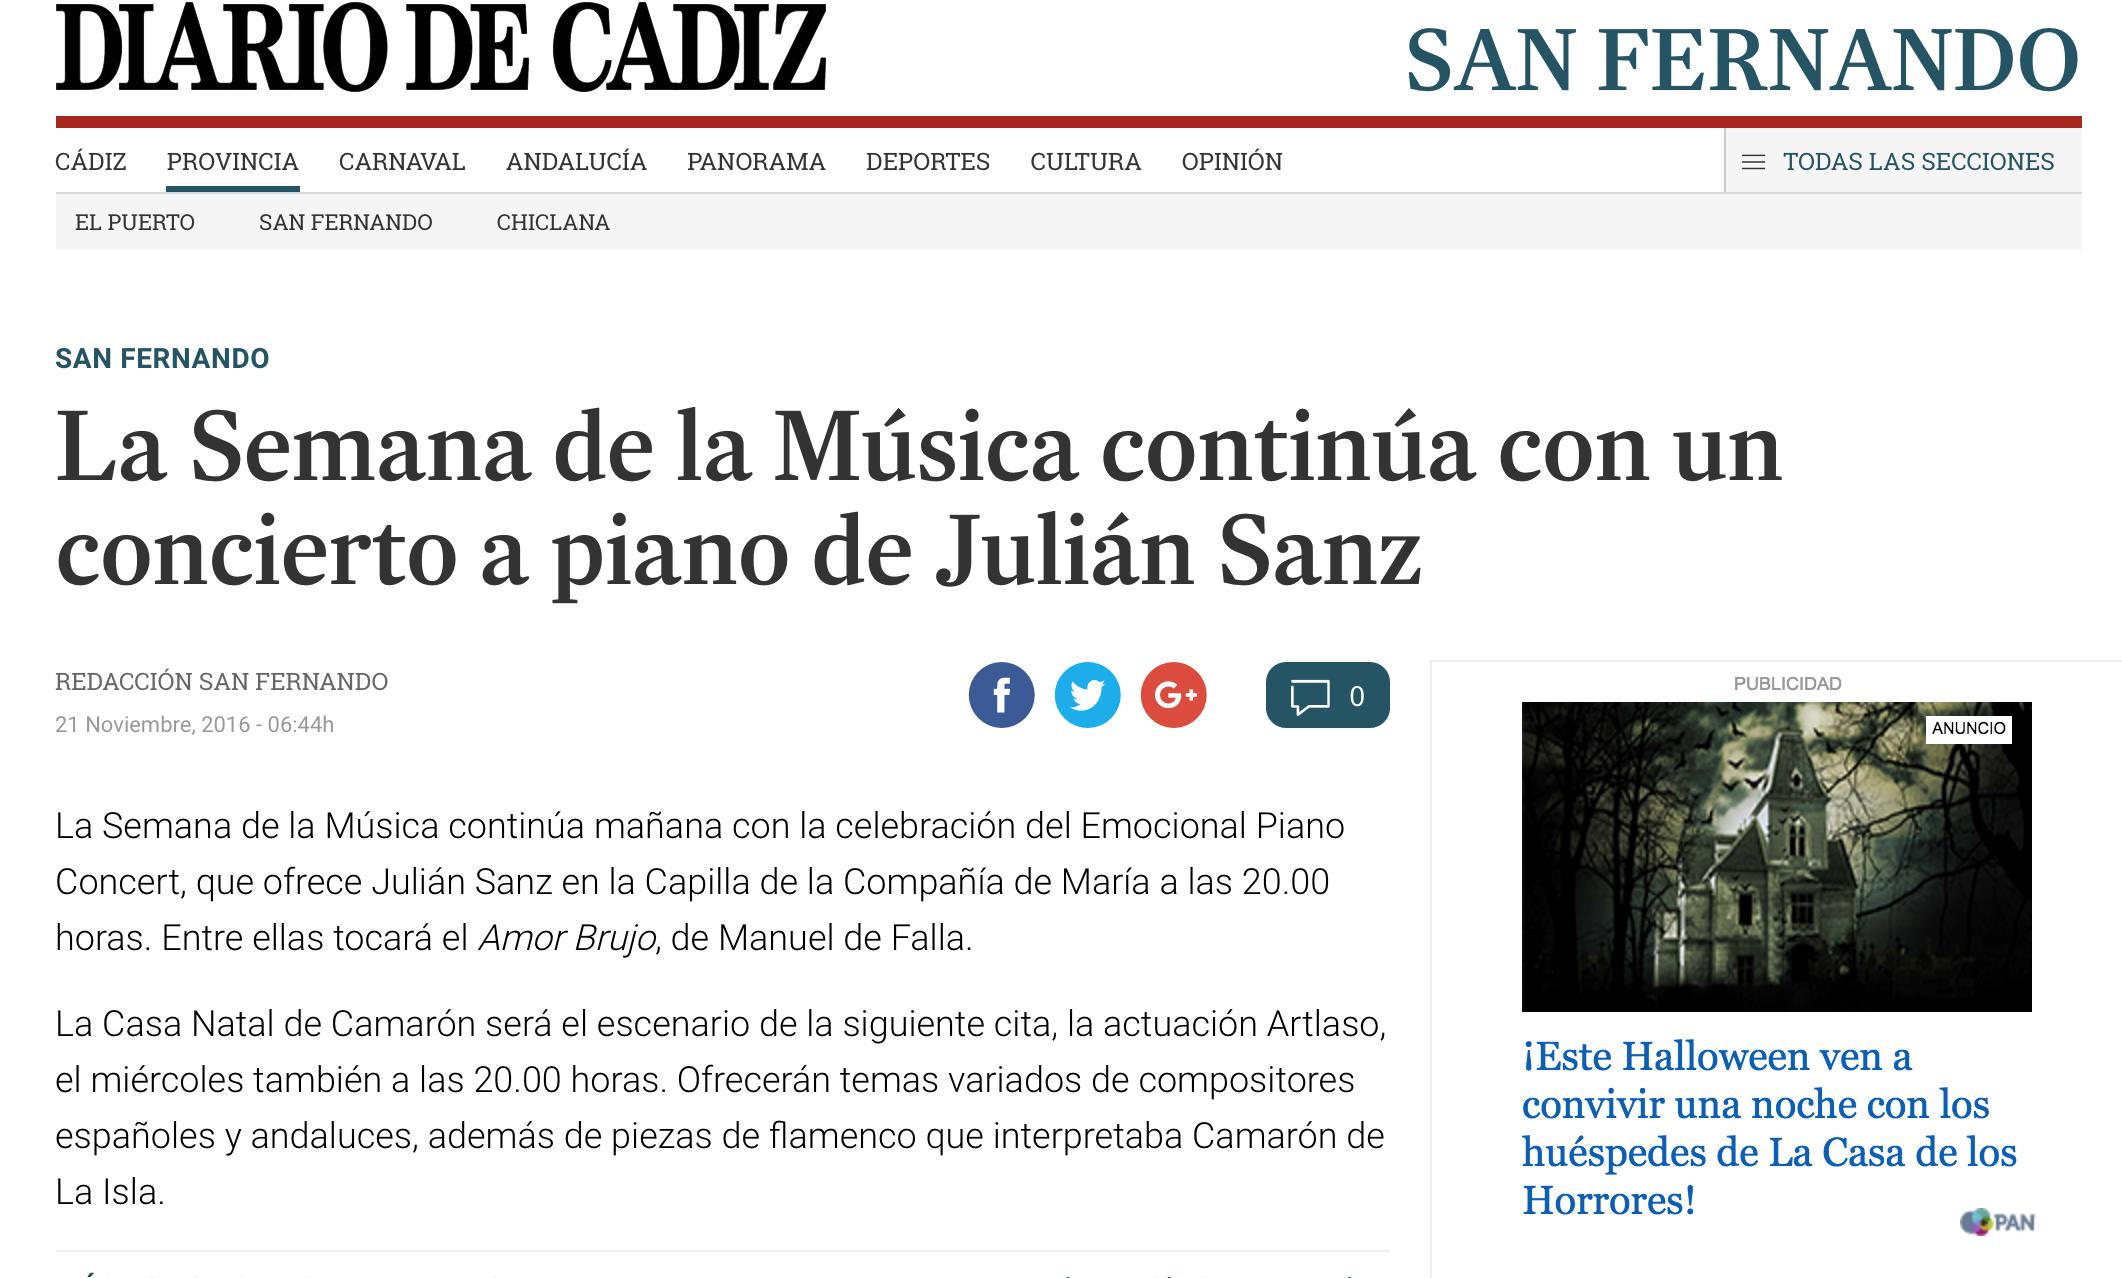 22 Noviembre Diario de Cádiz